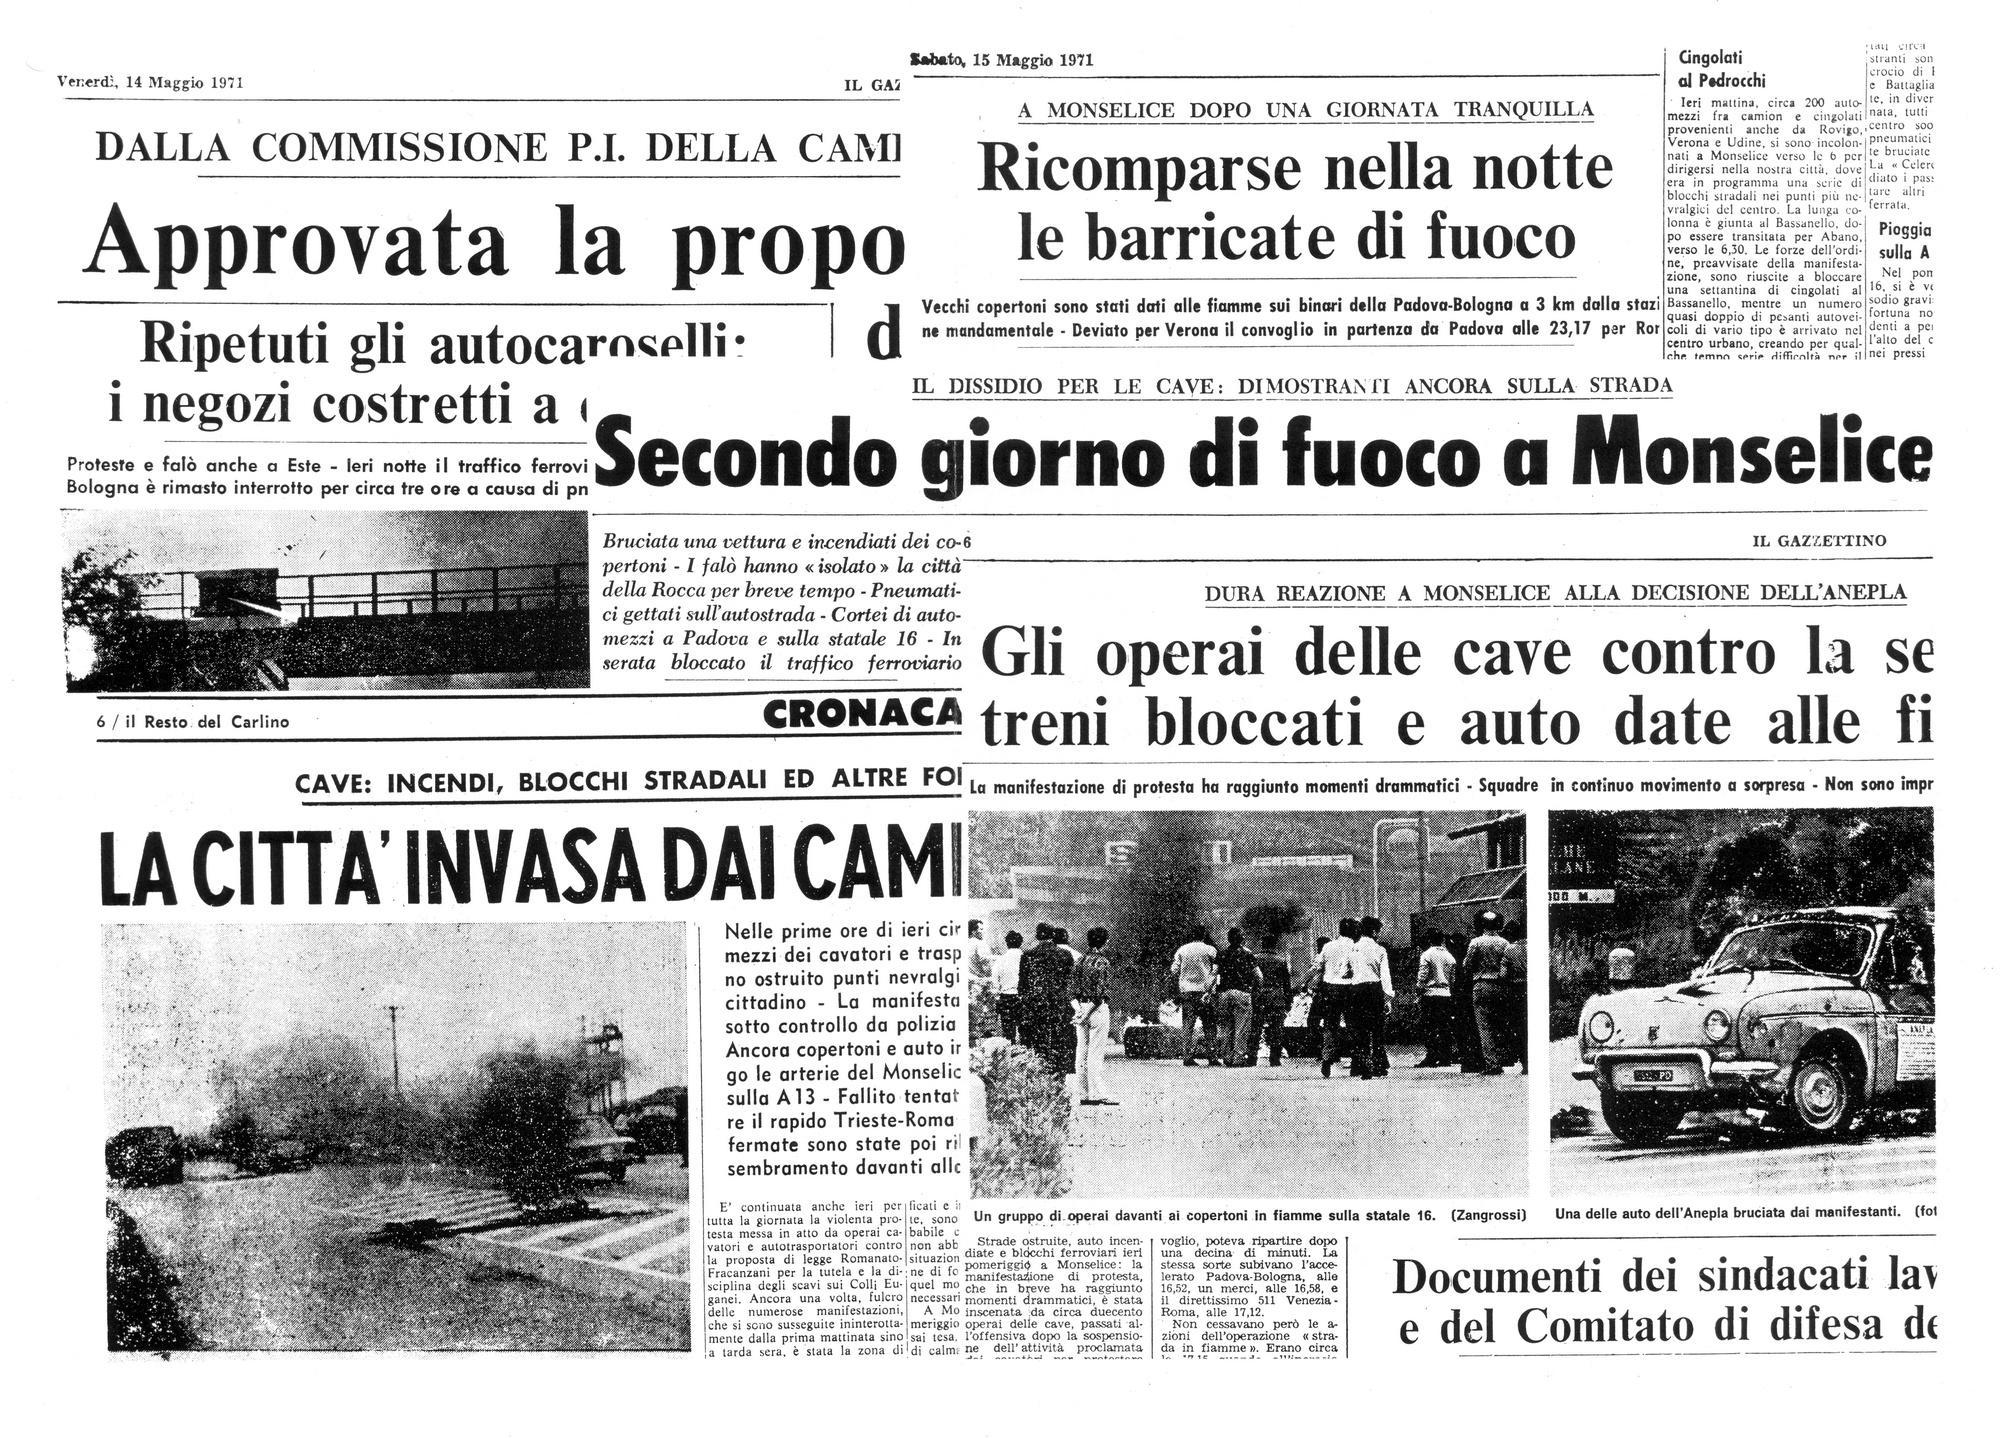 Colli Euganei, maggio 1971: una settimana di fuoco.